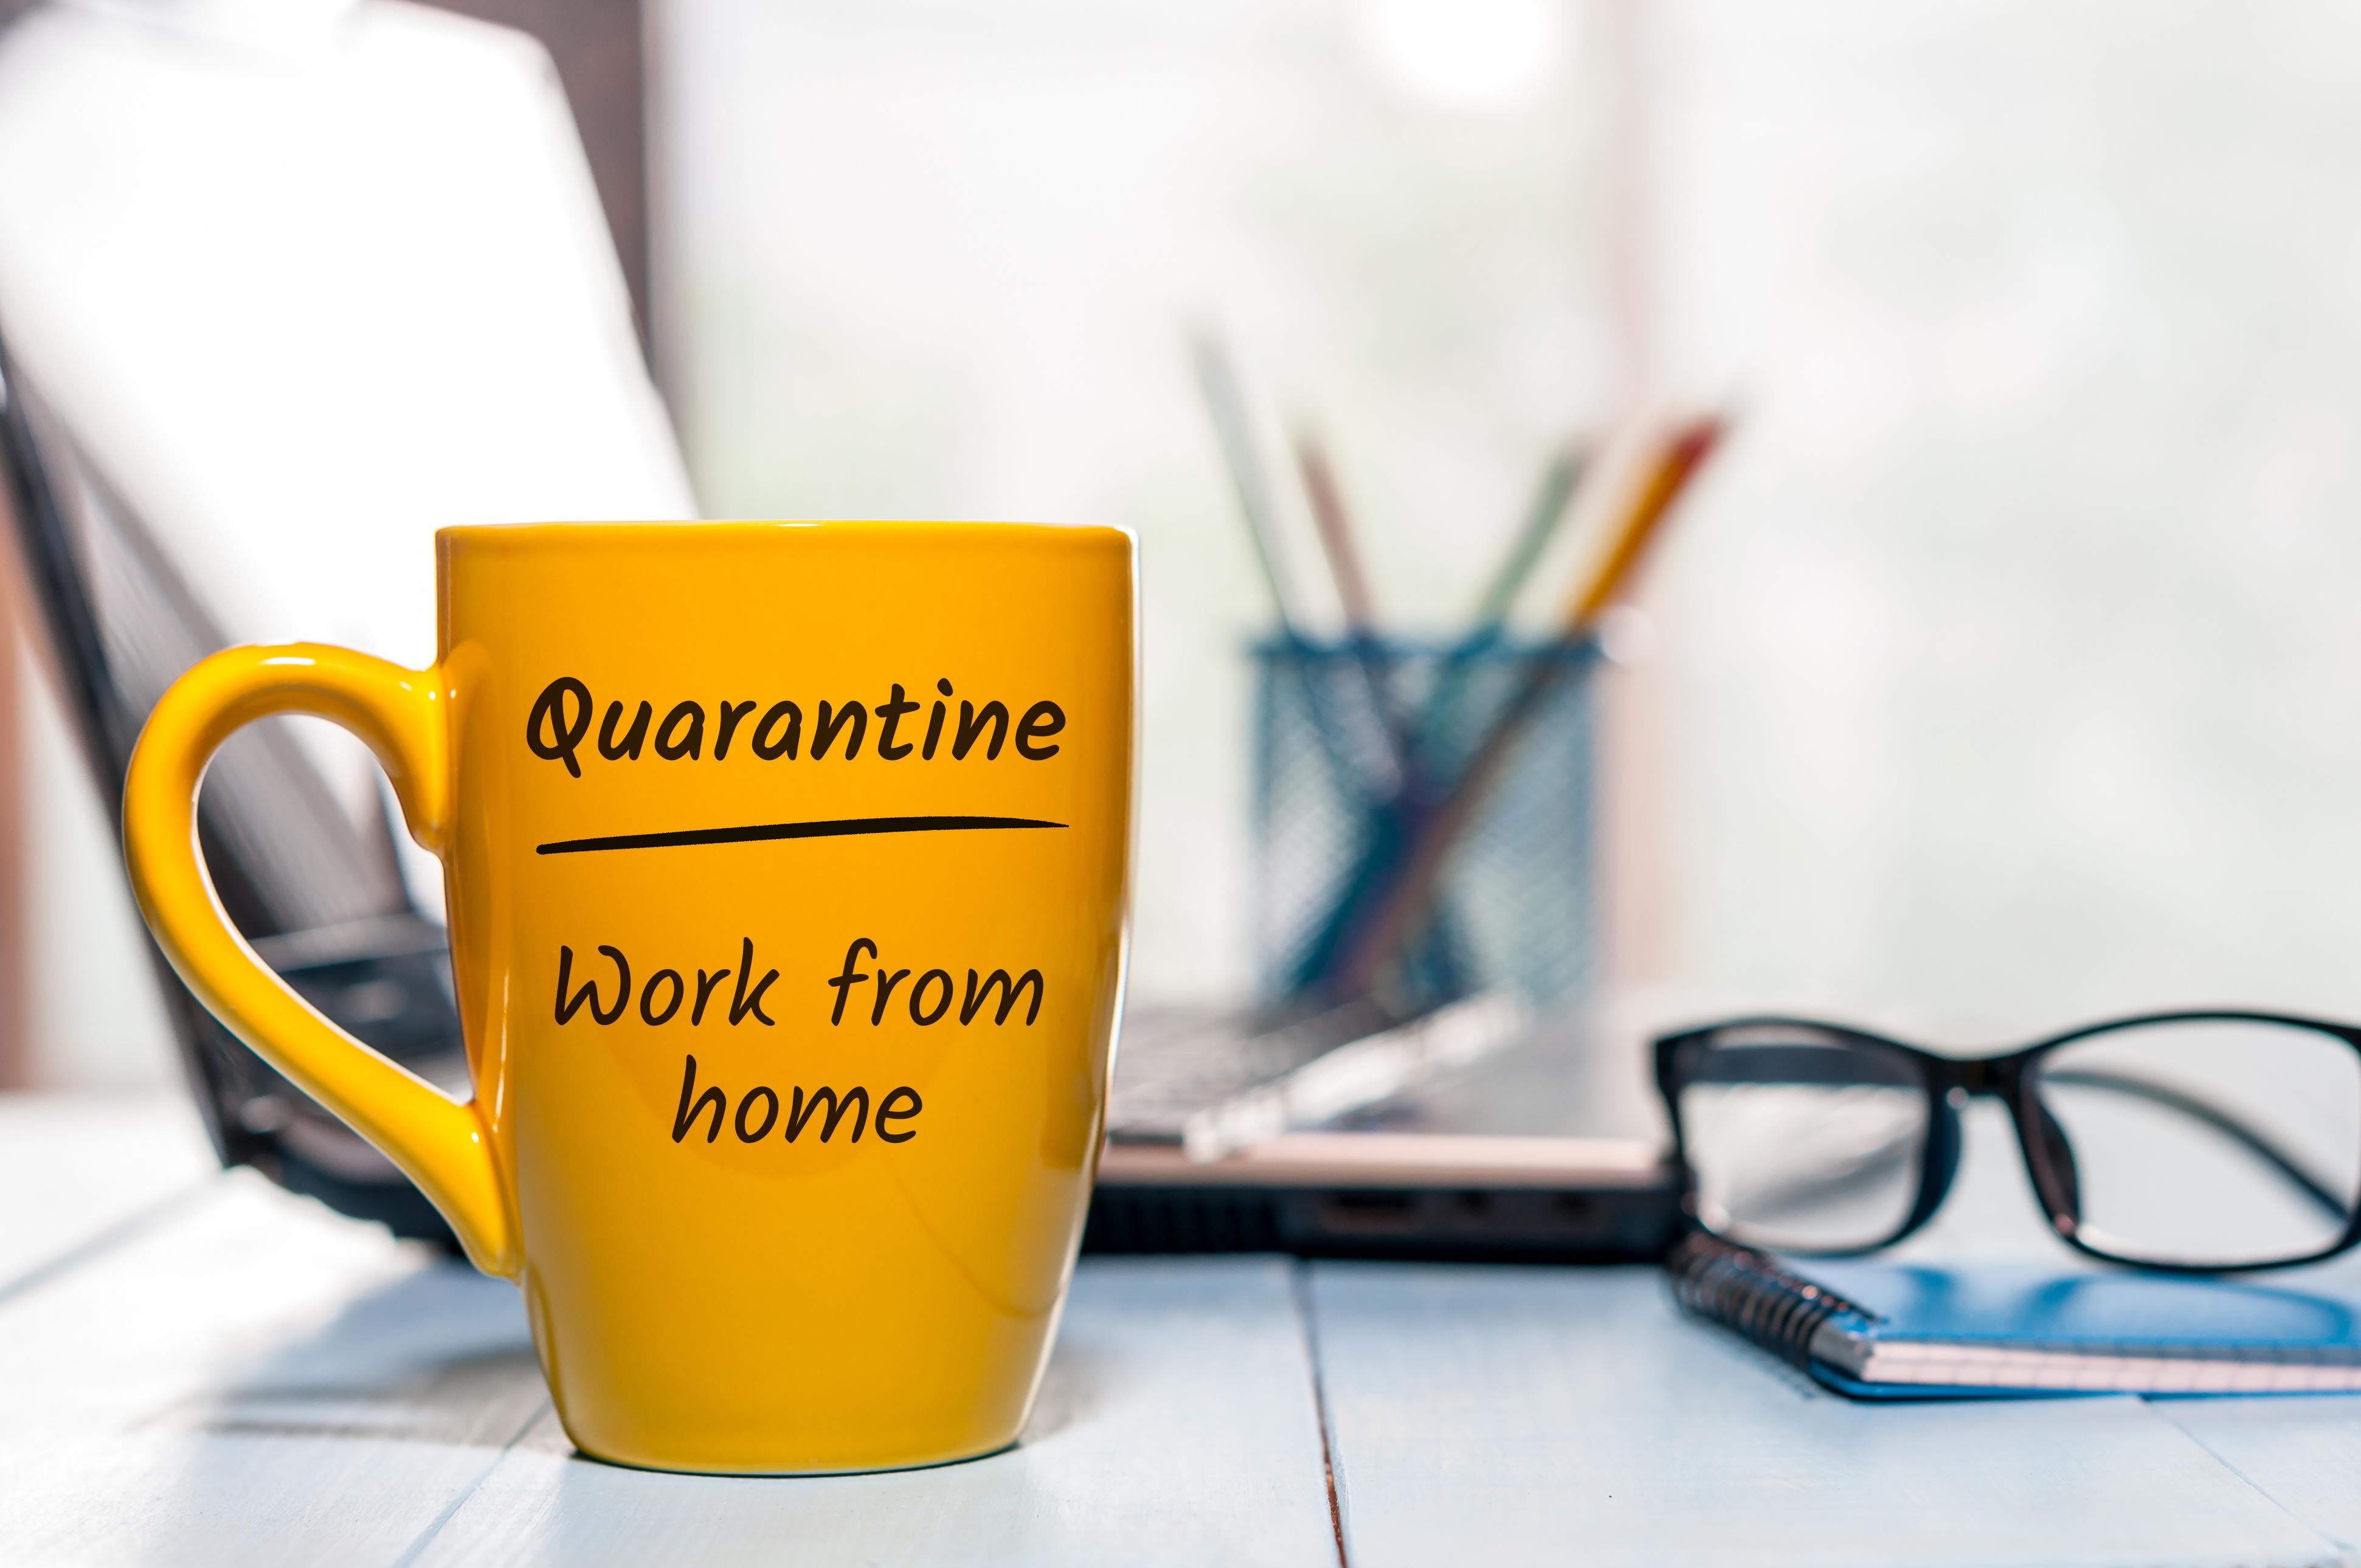 Toutes les études sans exception, incluses dans cette revue de la littérature, concluent au rôle clé de la mise en quarantaine dans le contrôle de la propagation du coronavirus.